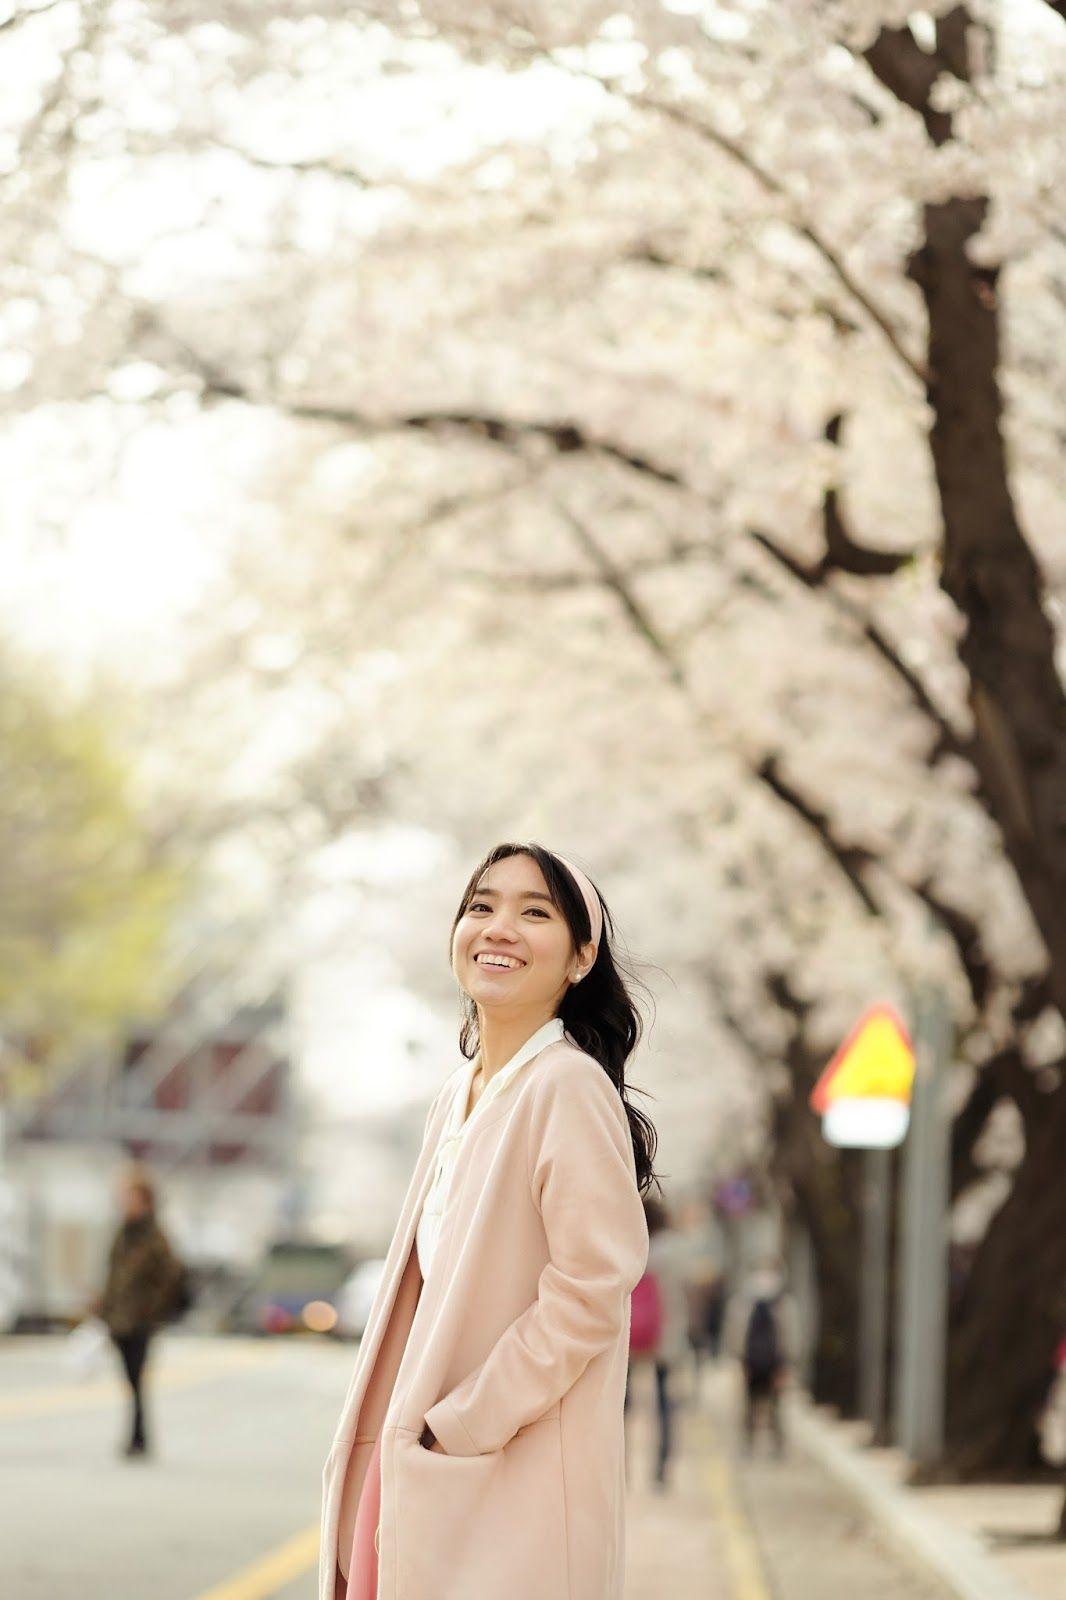 Cherry Blossoms Korea 2020 A Forecast Guide Where To Go Beautiful Places South Korea Travel Cherry Blossom